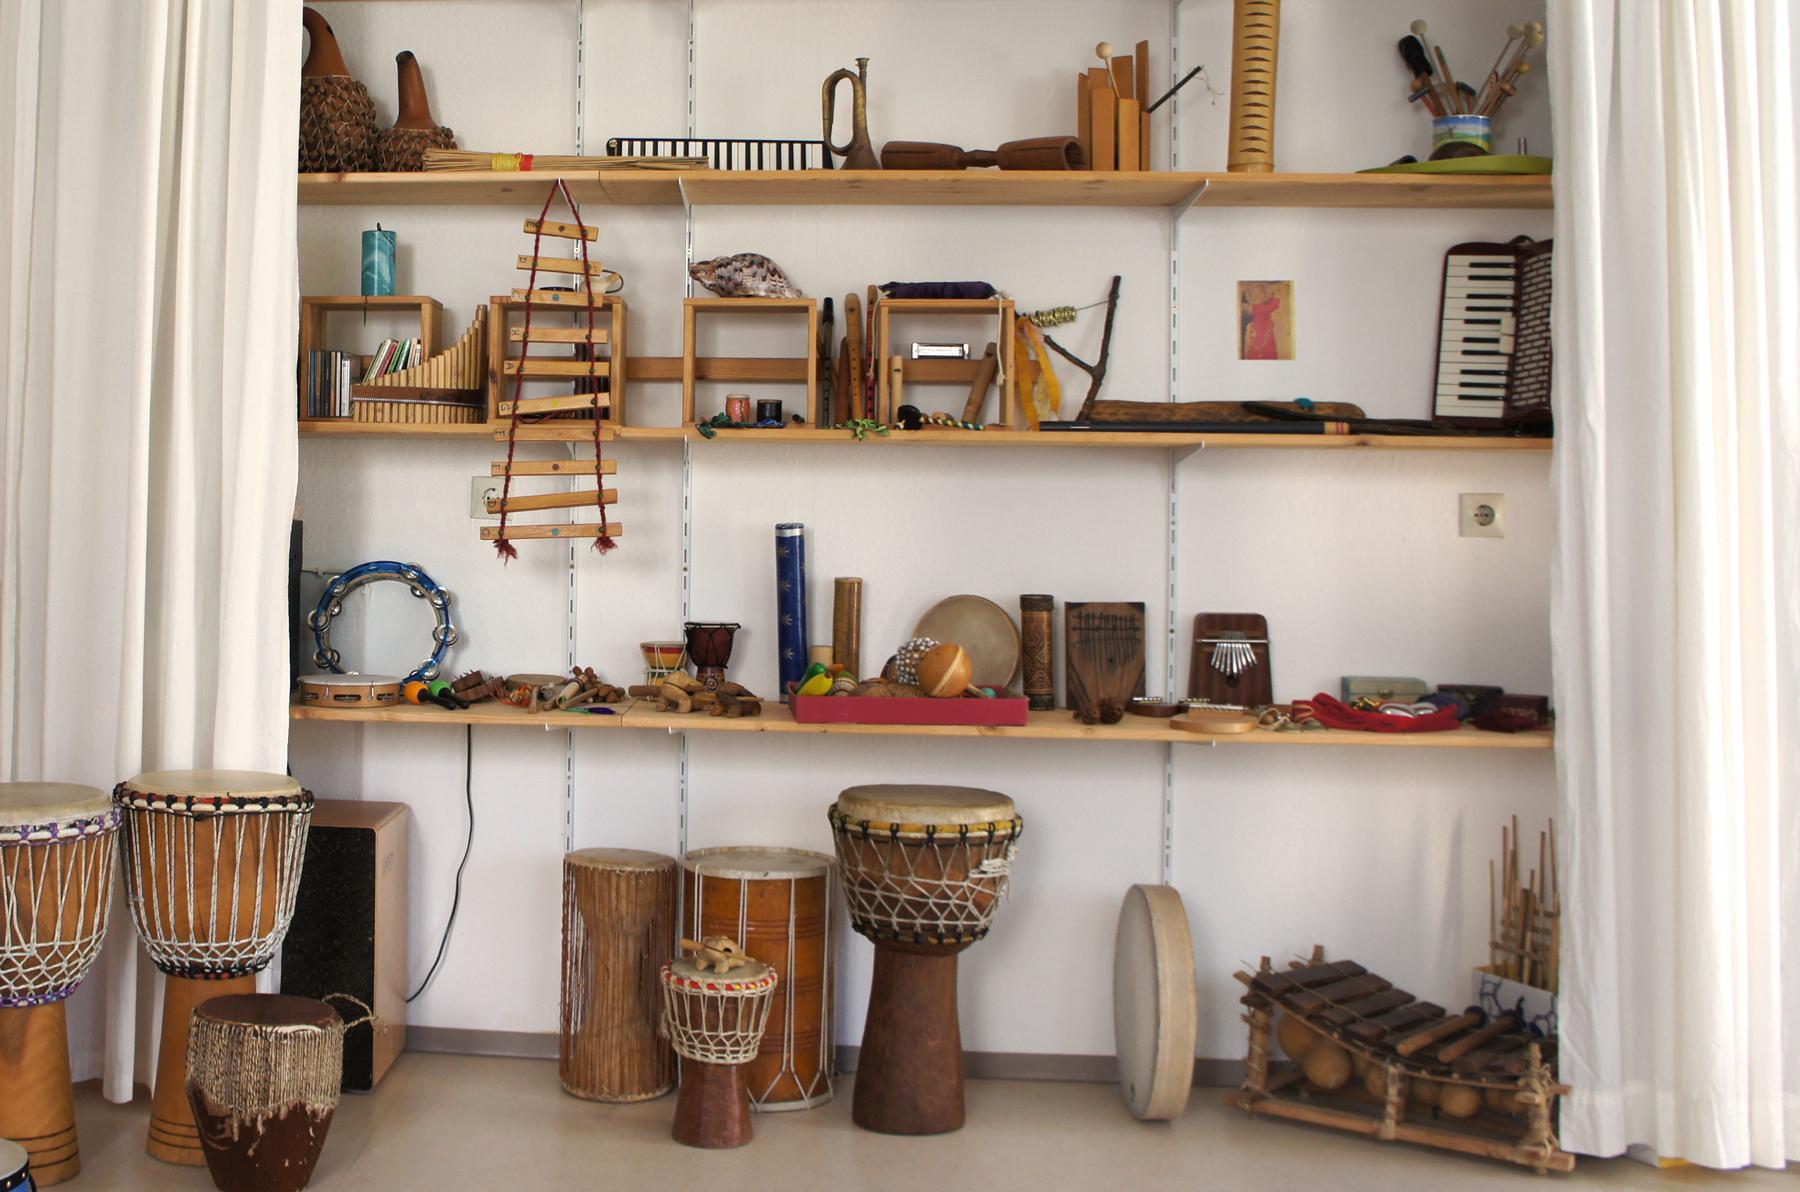 Freie Wahl der Instrumente für Musiktherapie